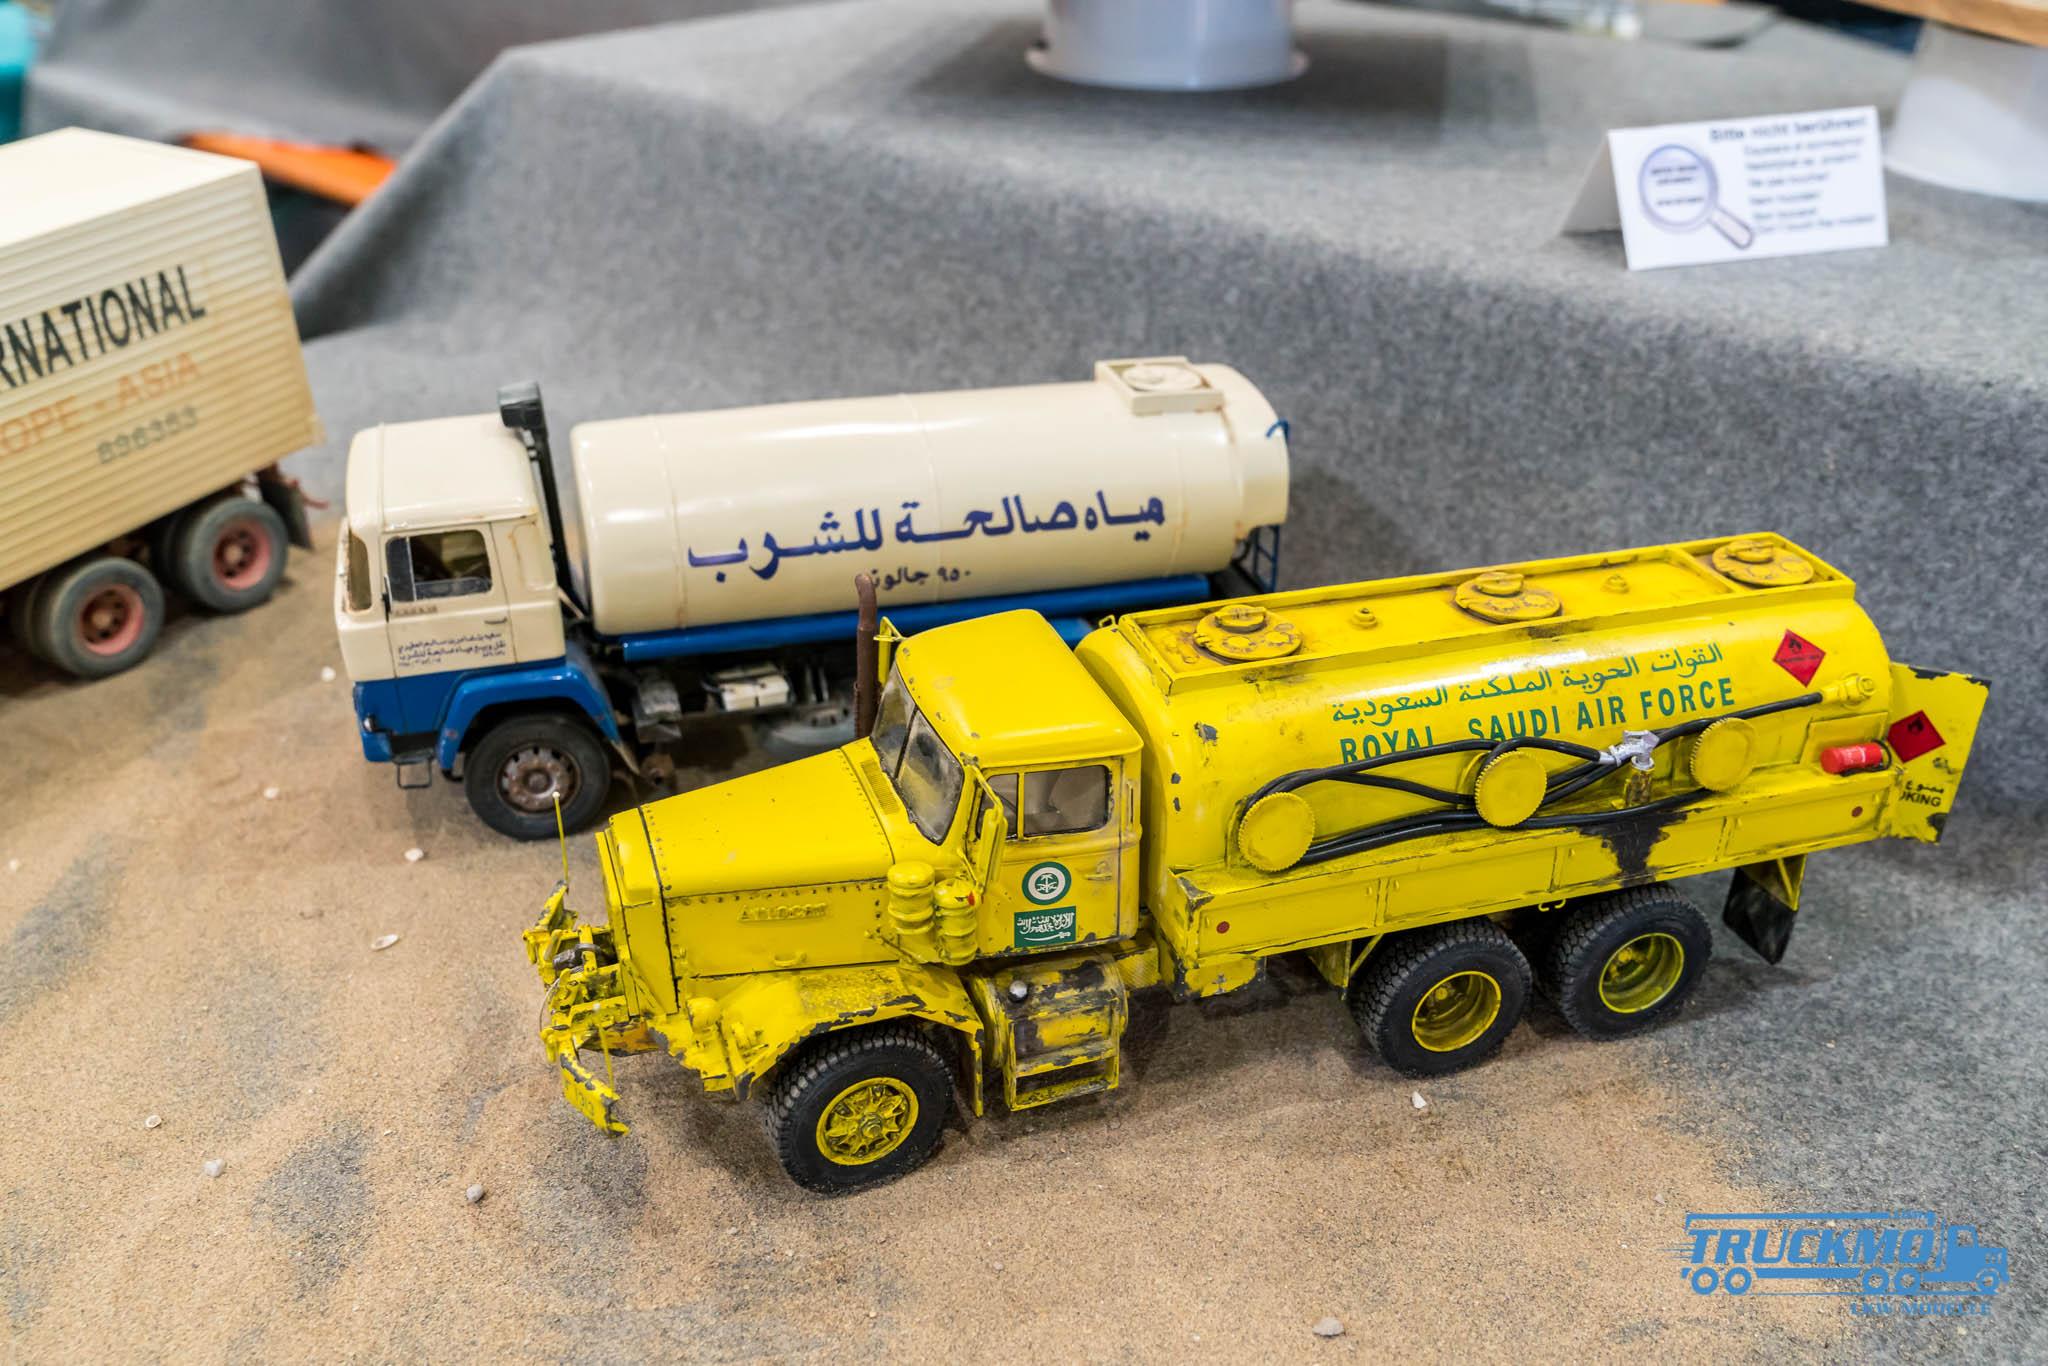 Truckmo_Modellbau_Ried_2017_Herpa_Messe_Modellbauausstellung (431 von 1177)